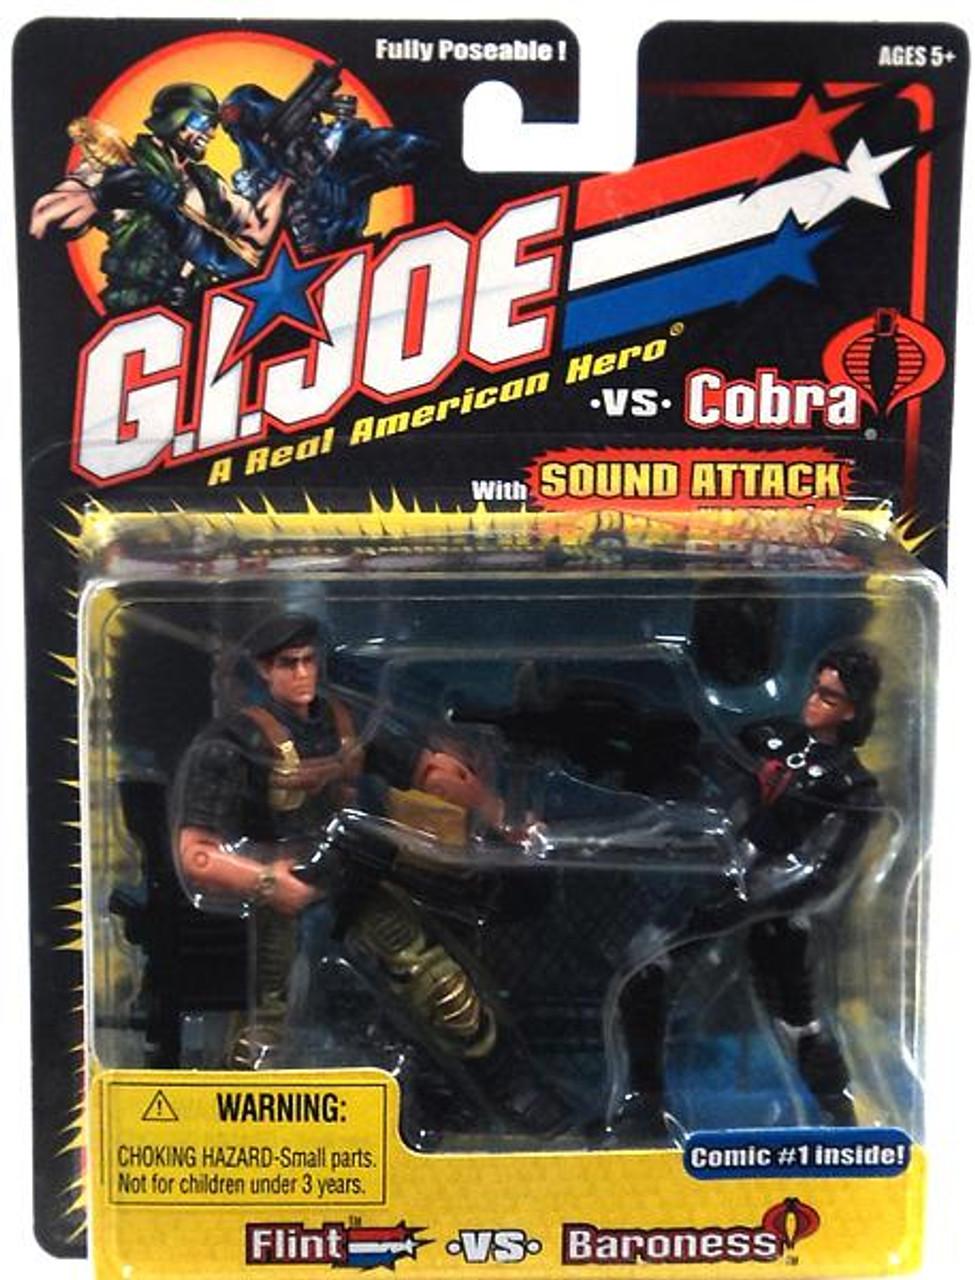 GI Joe A Realm American Hero vs Cobra Flint vs Baroness Action Figure 2-Pack